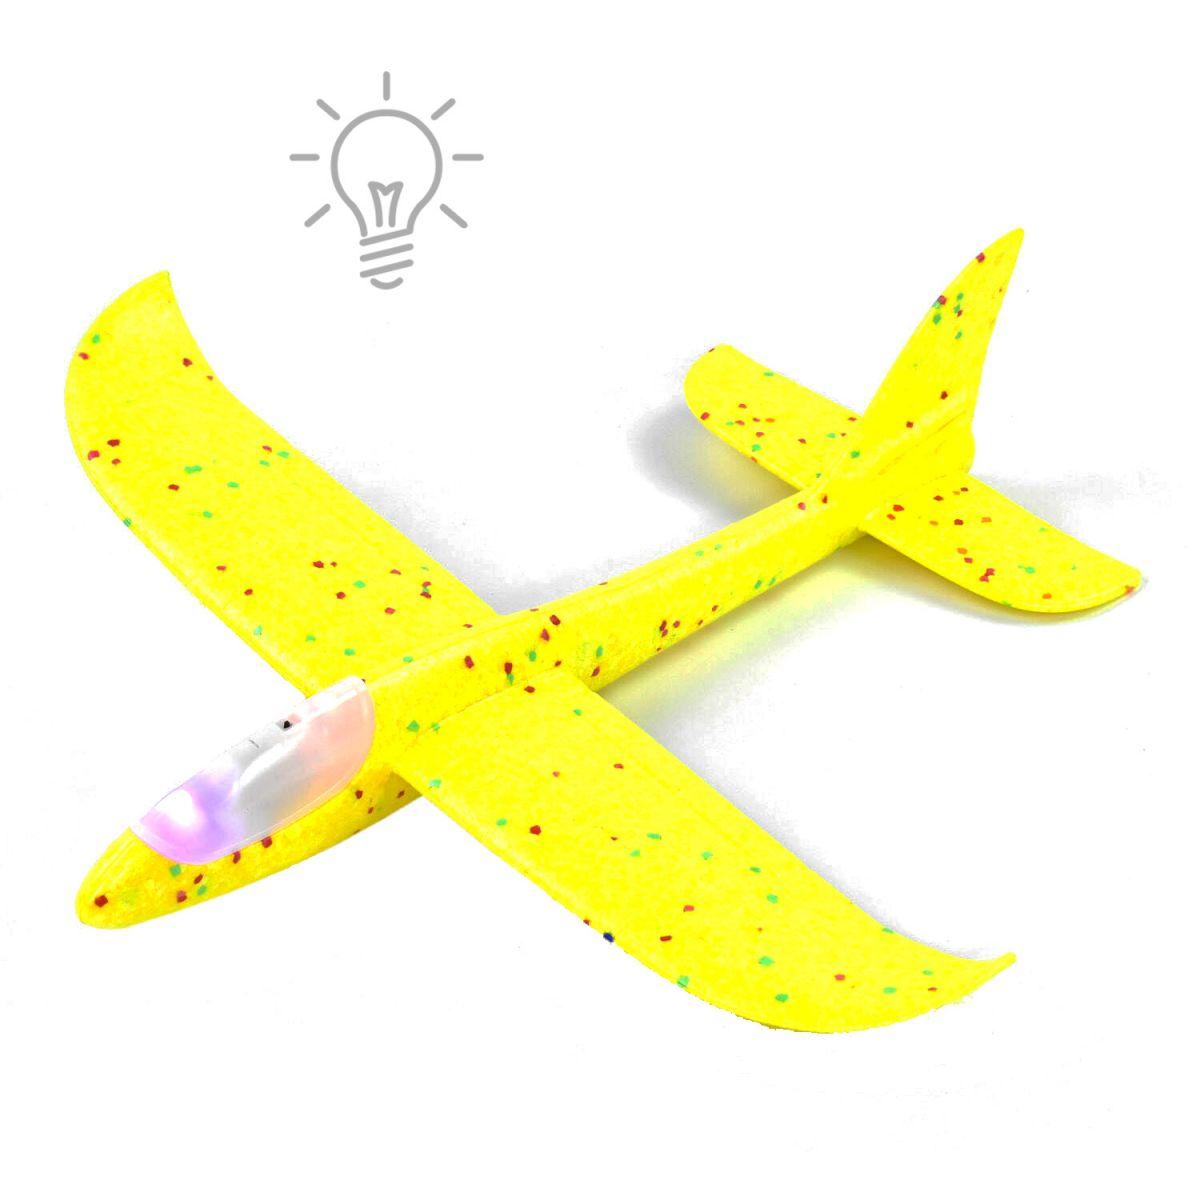 Пенолет метательный с подсветкой, 48 см, желтый